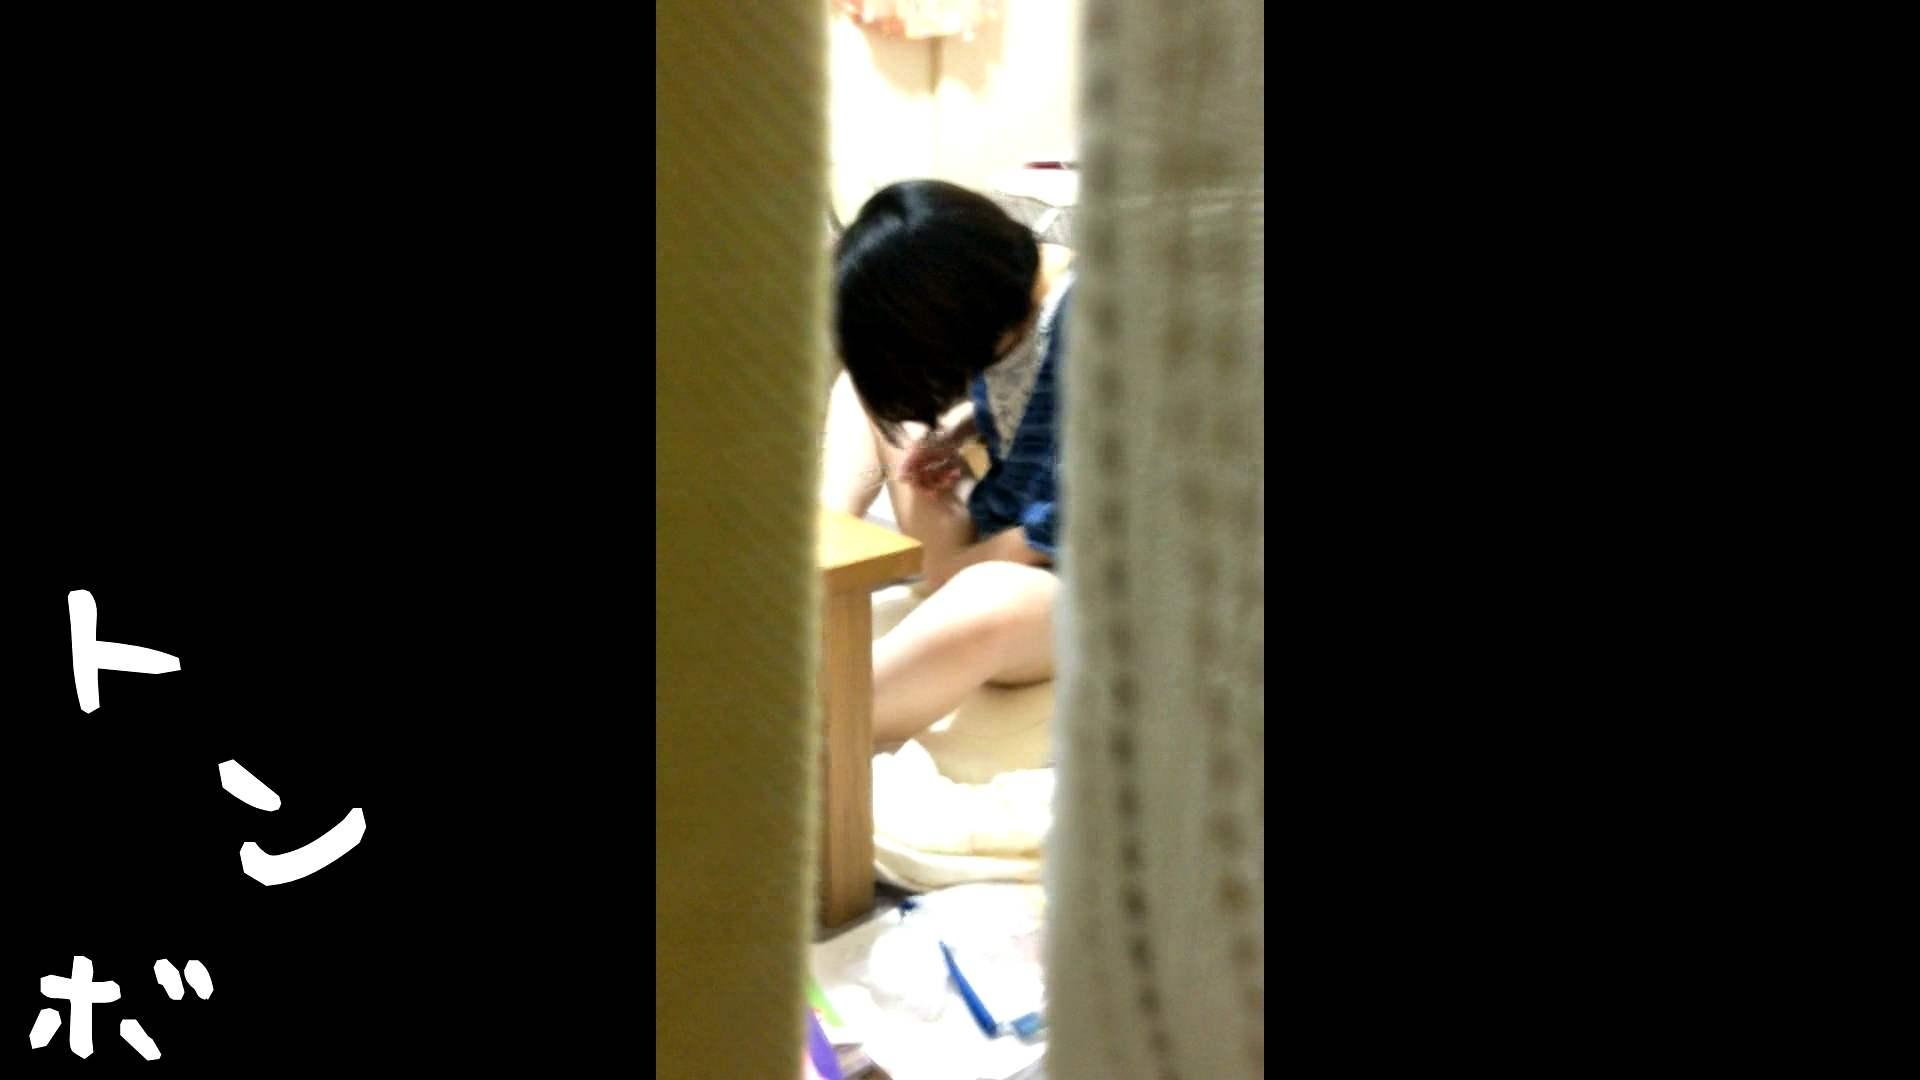 リアル盗撮 作家志望J子 アソコのお手入れ最中に感じてパンツを湿らす 盗撮   高画質  105pic 6